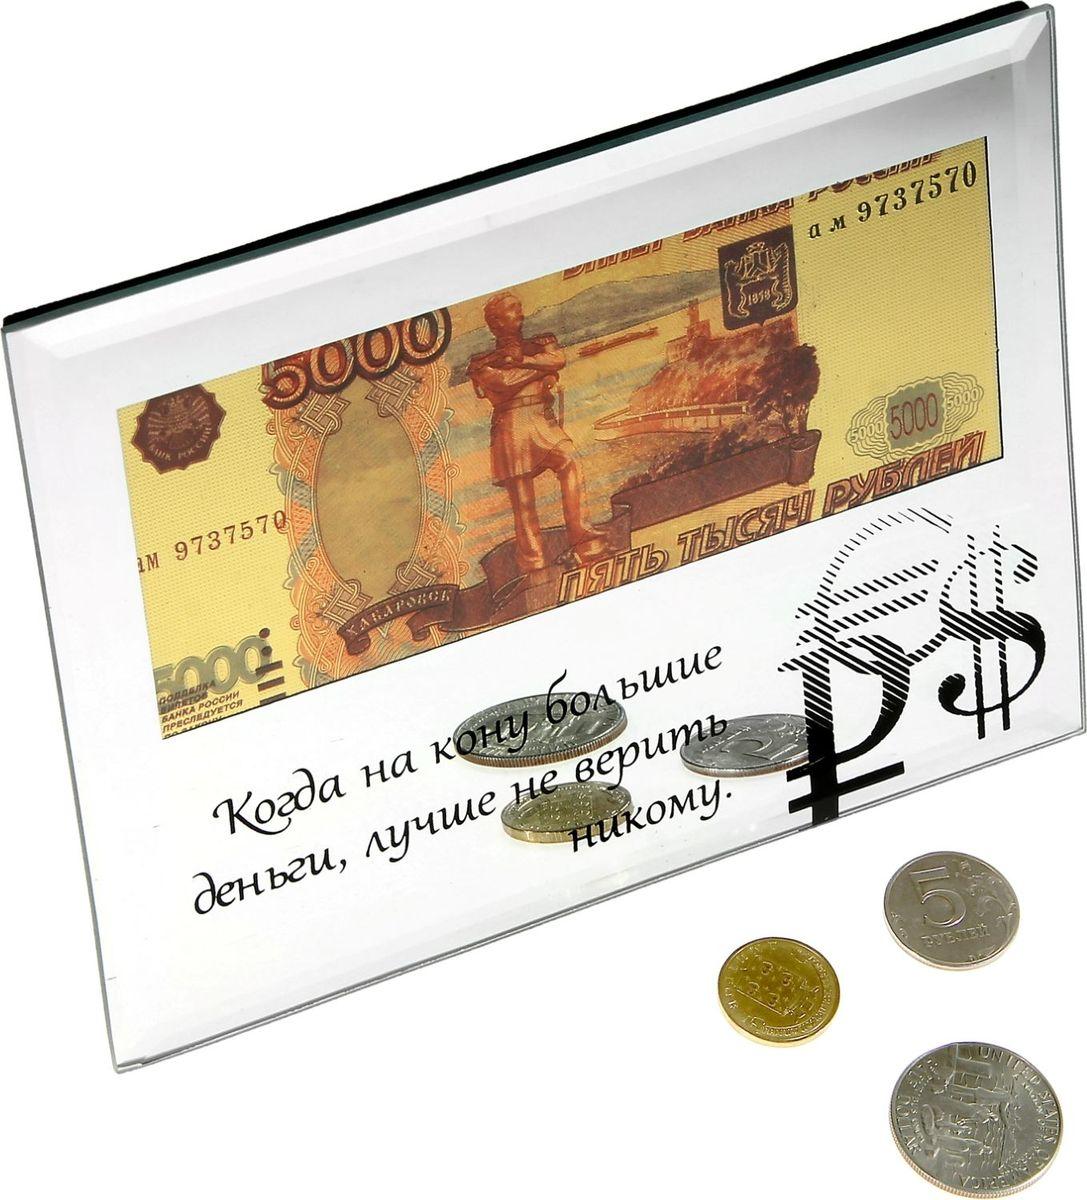 Деньги сувенирные Когда на кону большие деньги… Купюра 5000 рублей, в рамке628703Современный и эстетичный вариант пожелания богатства и процветания – это подарочная купюра в изящной рамке. Позолоченная банкнота символизирует достаток и благополучие. Став предметом интерьера, каждый день она будет вдохновлять на то, чтобы двигаться вперед навстречу к успеху. Идеальный подарок для людей, уверенно идущих к своей цели! Сувенирная банкнота станет оригинальным подарком в честь профессиональных достижений или отличным стимулом для создания собственного капитала.